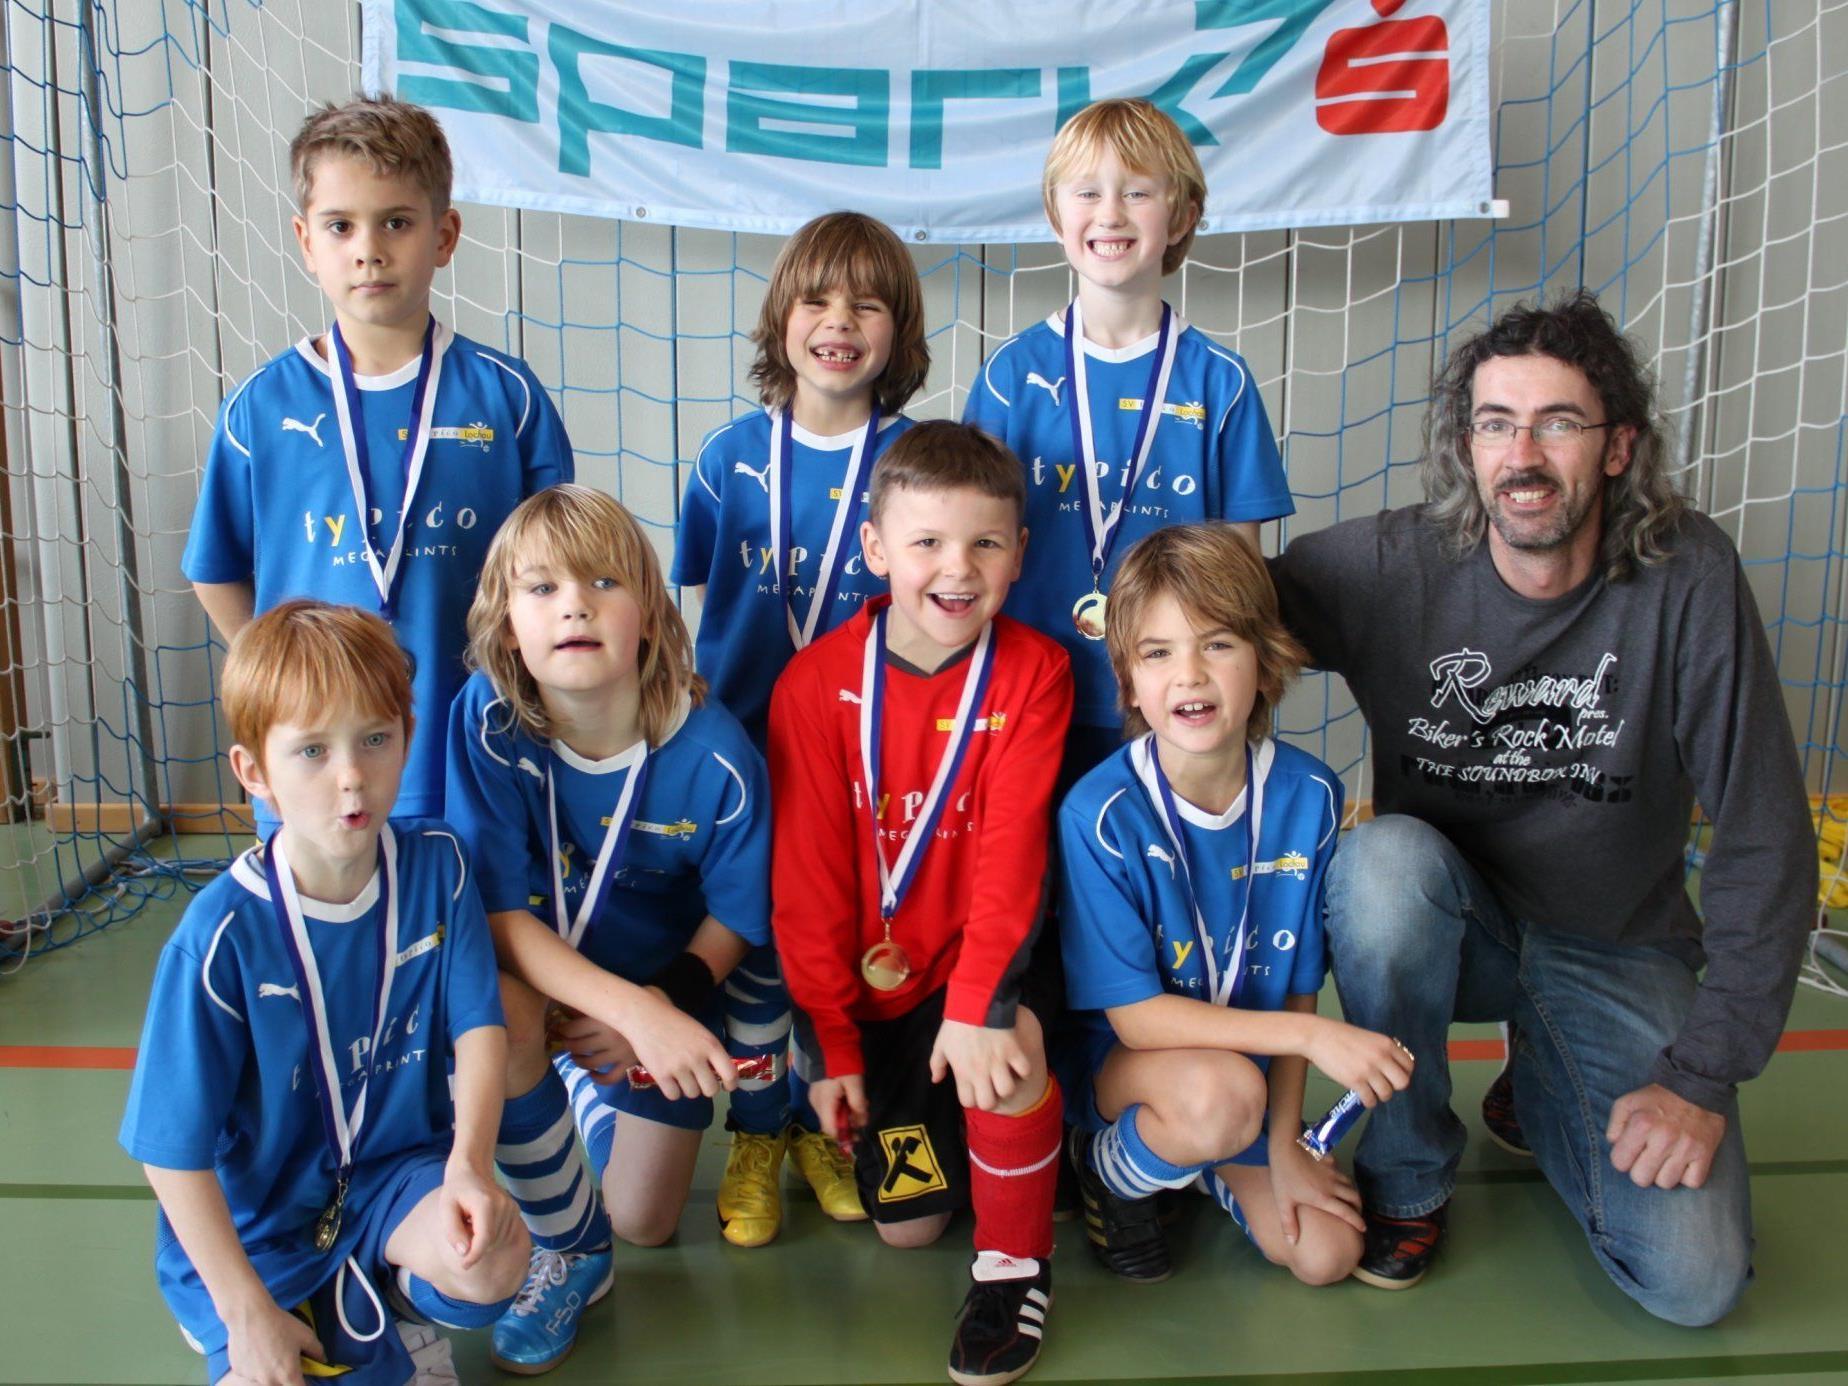 Können die jungen Kicker des SV Typico Lochau ihren Heimvorteil wieder nützen?